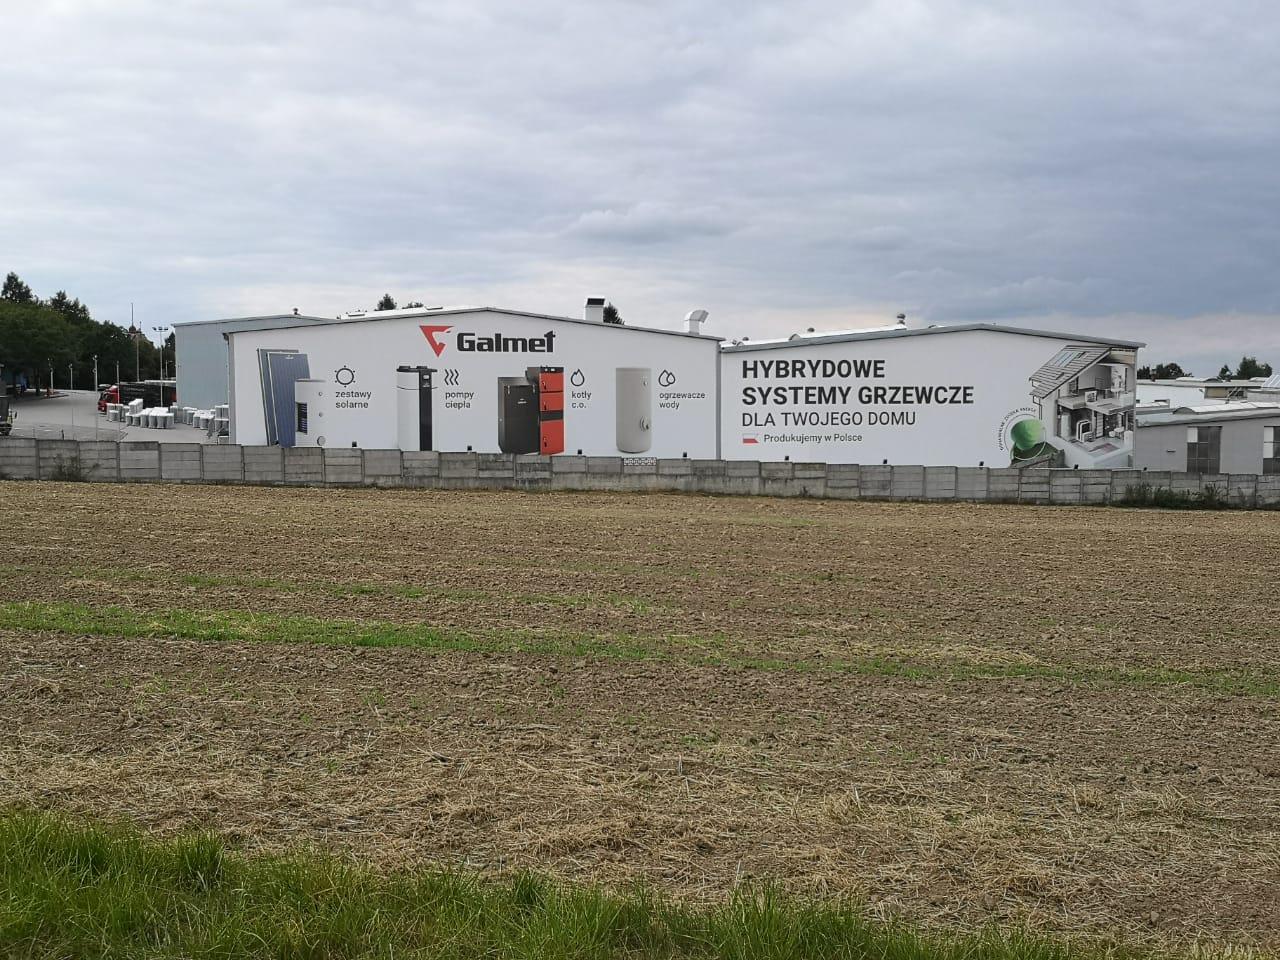 Завод Galmet в Польше, г. Глубчице